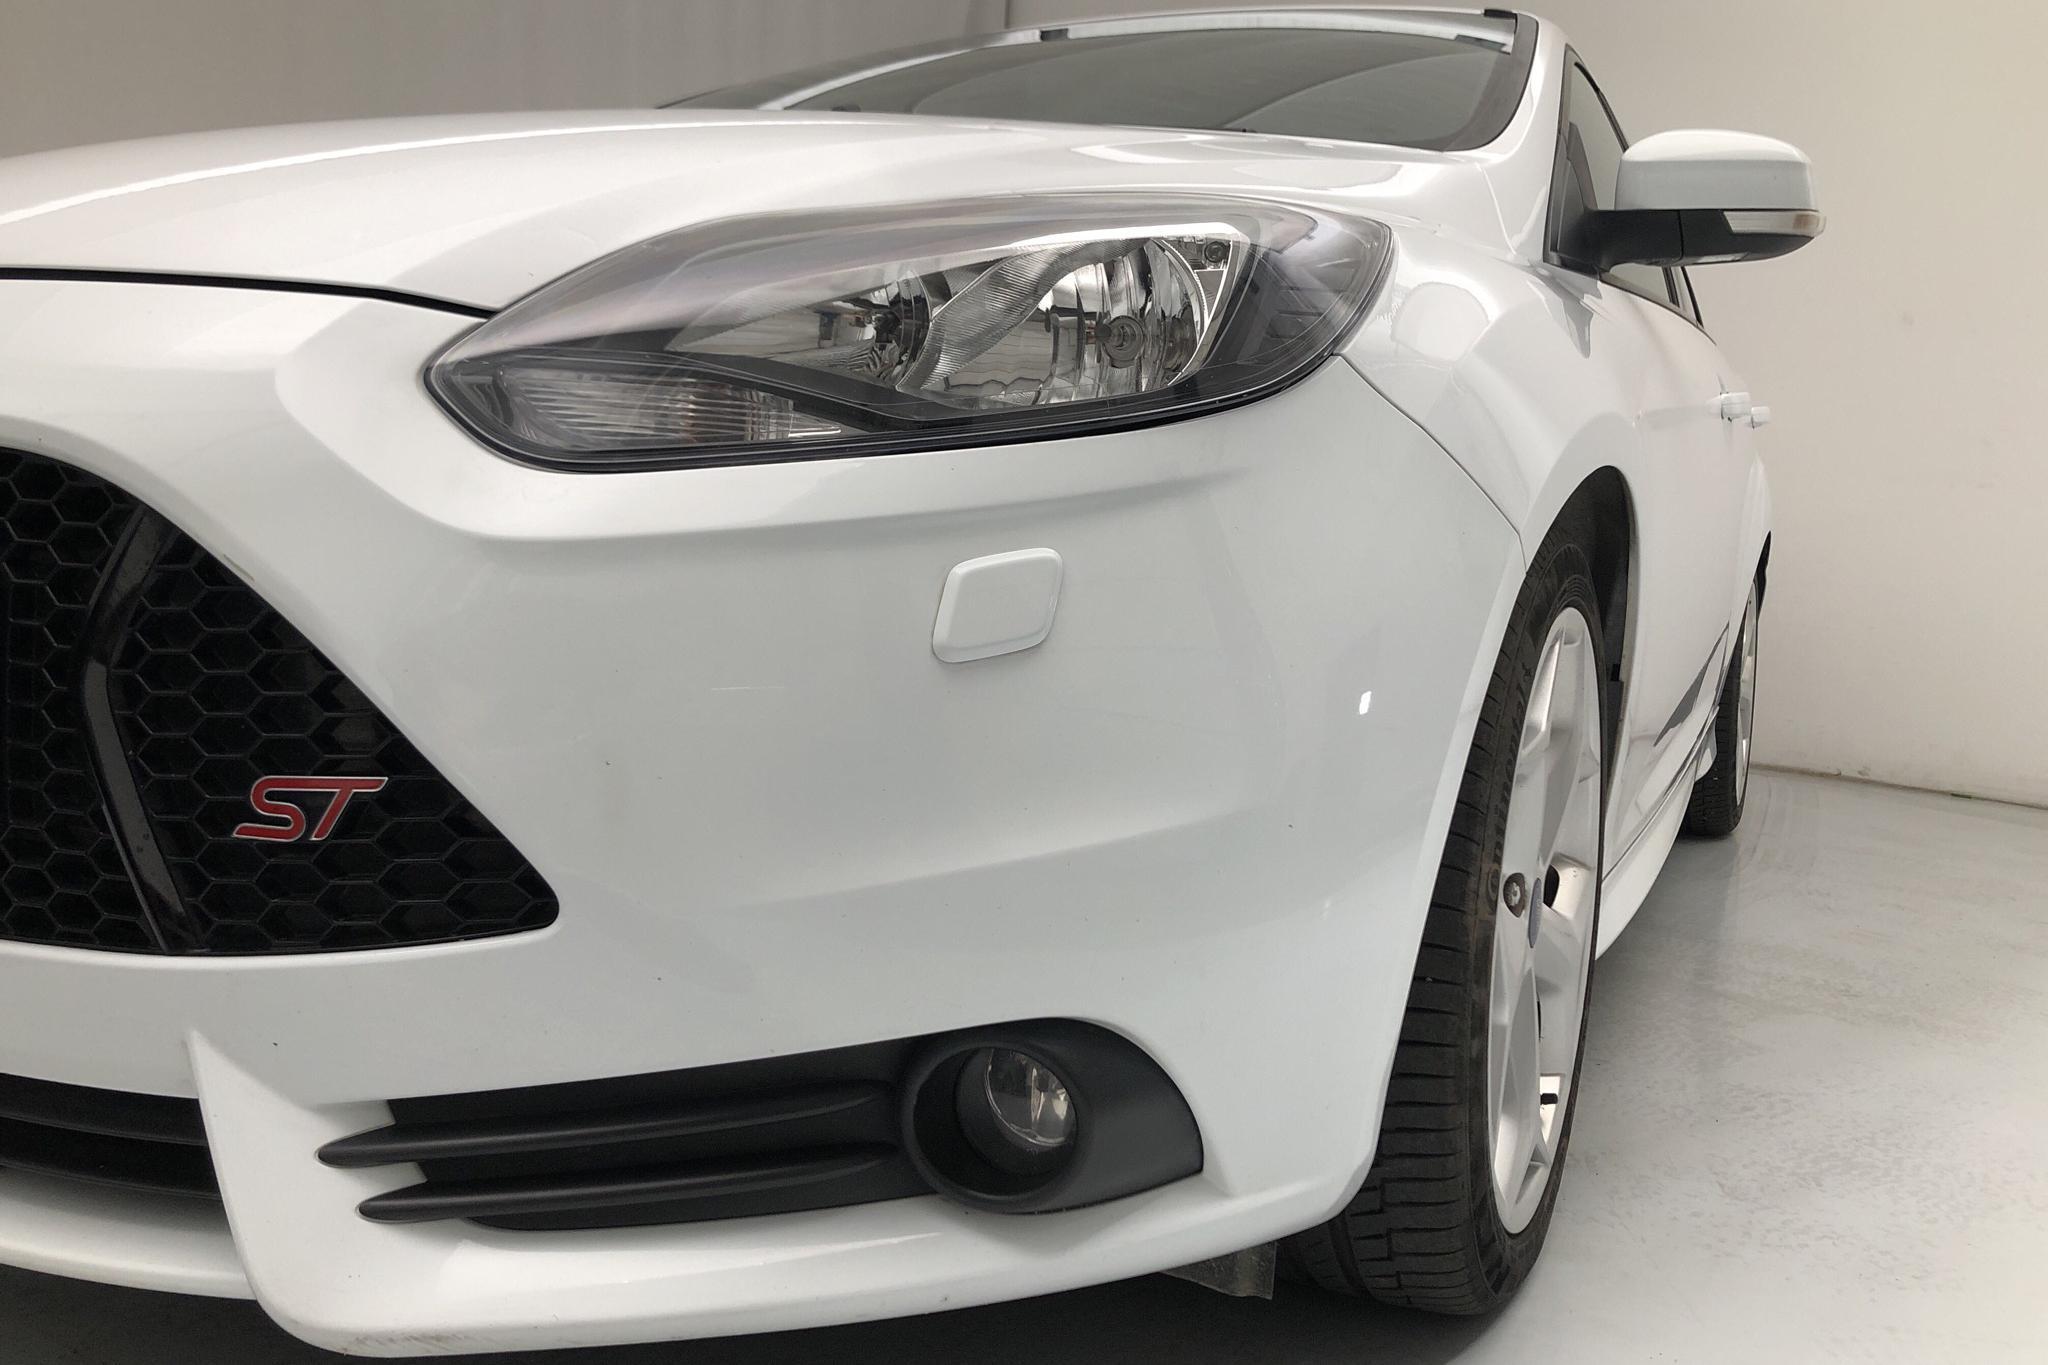 Ford Focus 2.0 ST EcoBoost 5dr (250hk) - 8 567 mil - Manuell - vit - 2014